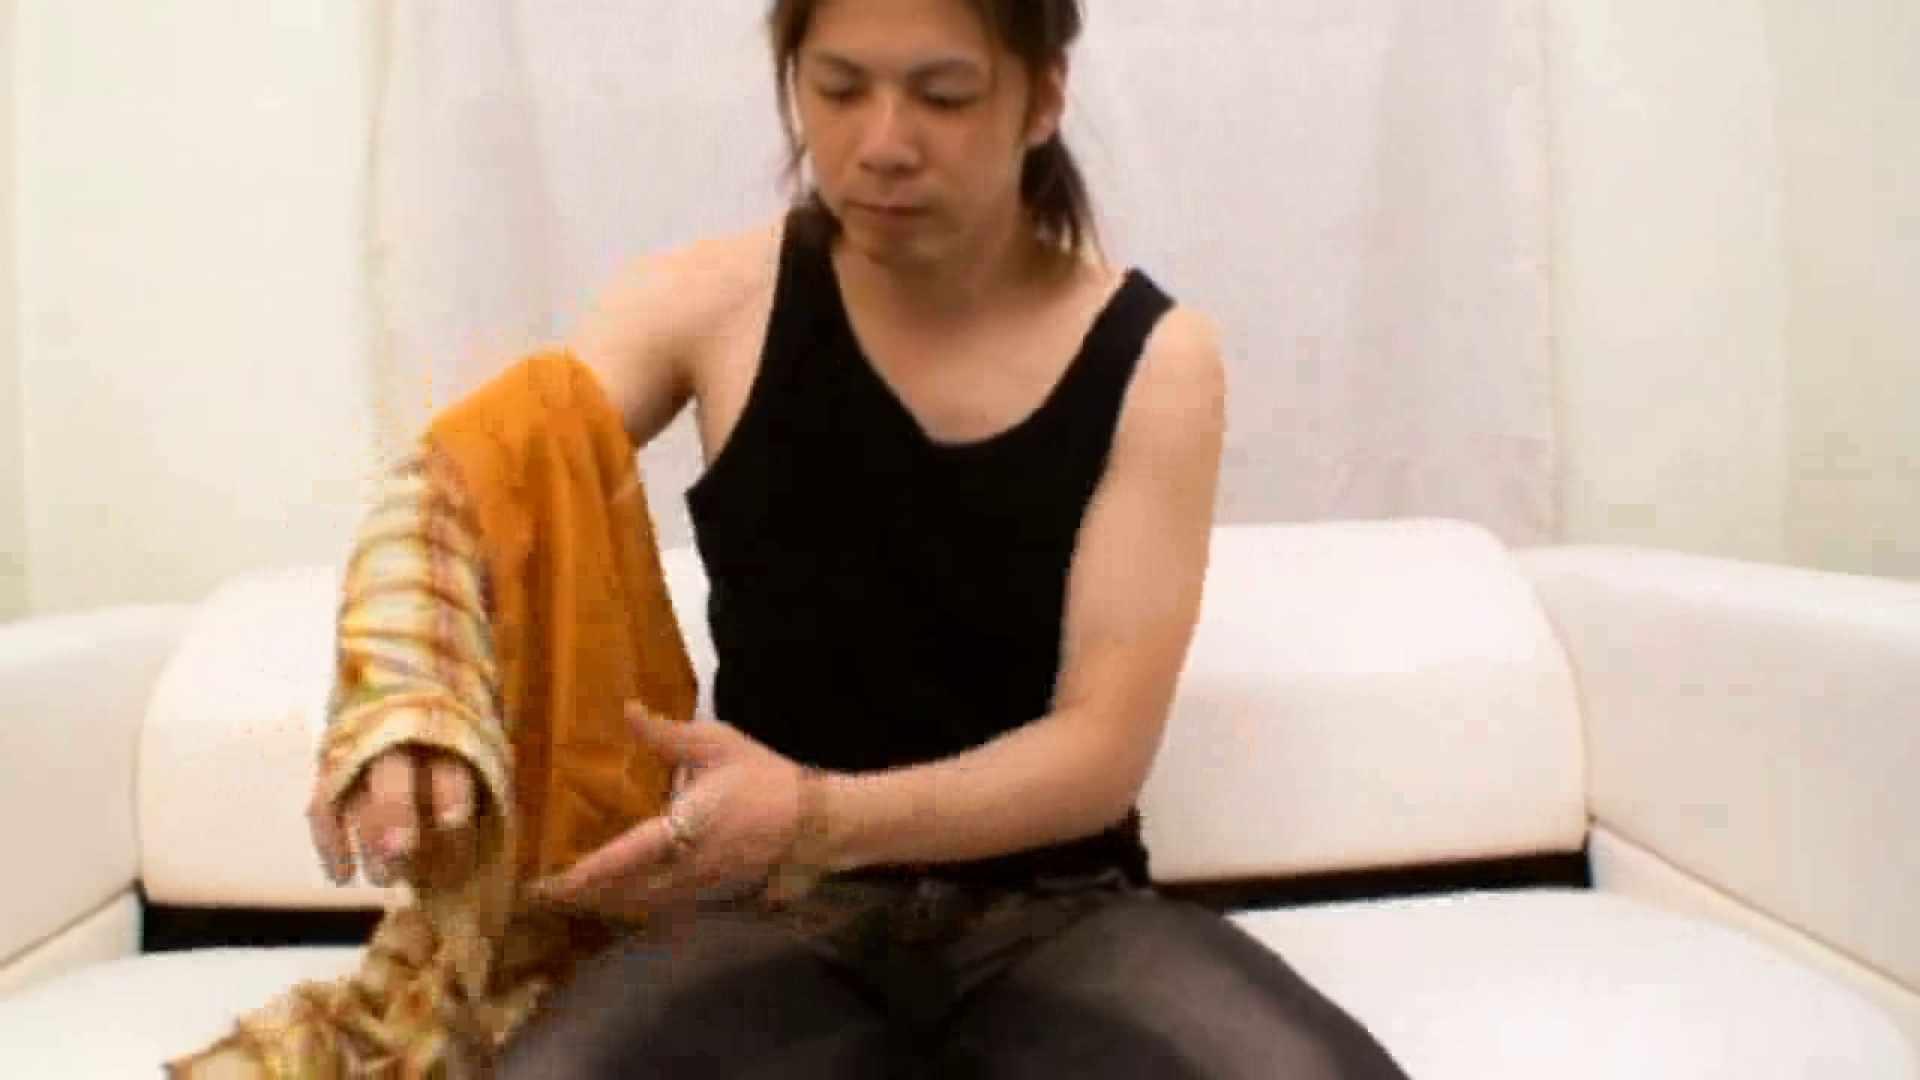 ノンケ!自慰スタジオ No.18 シコシコ | ノンケ達のセックス  109画像 49